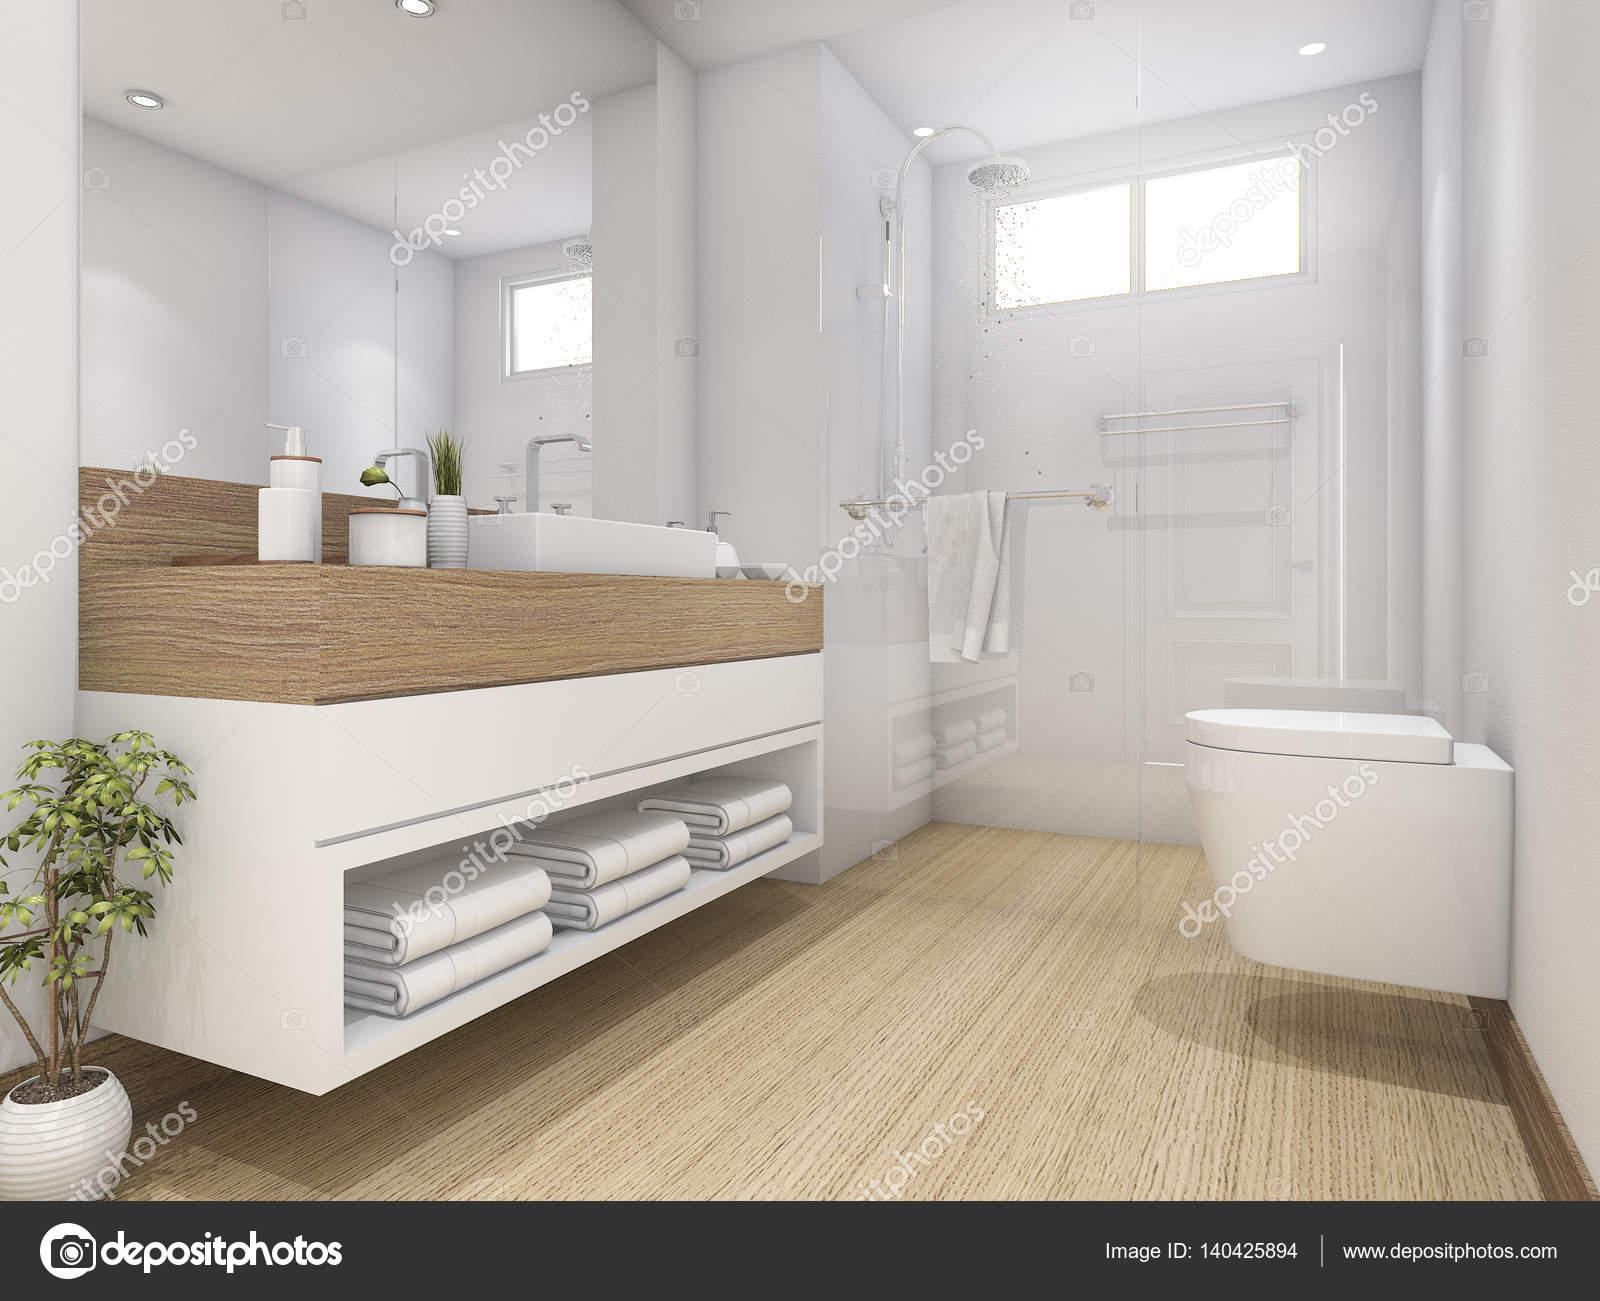 Toilettes et une salle de bains design bois blanc 3d rendu ...